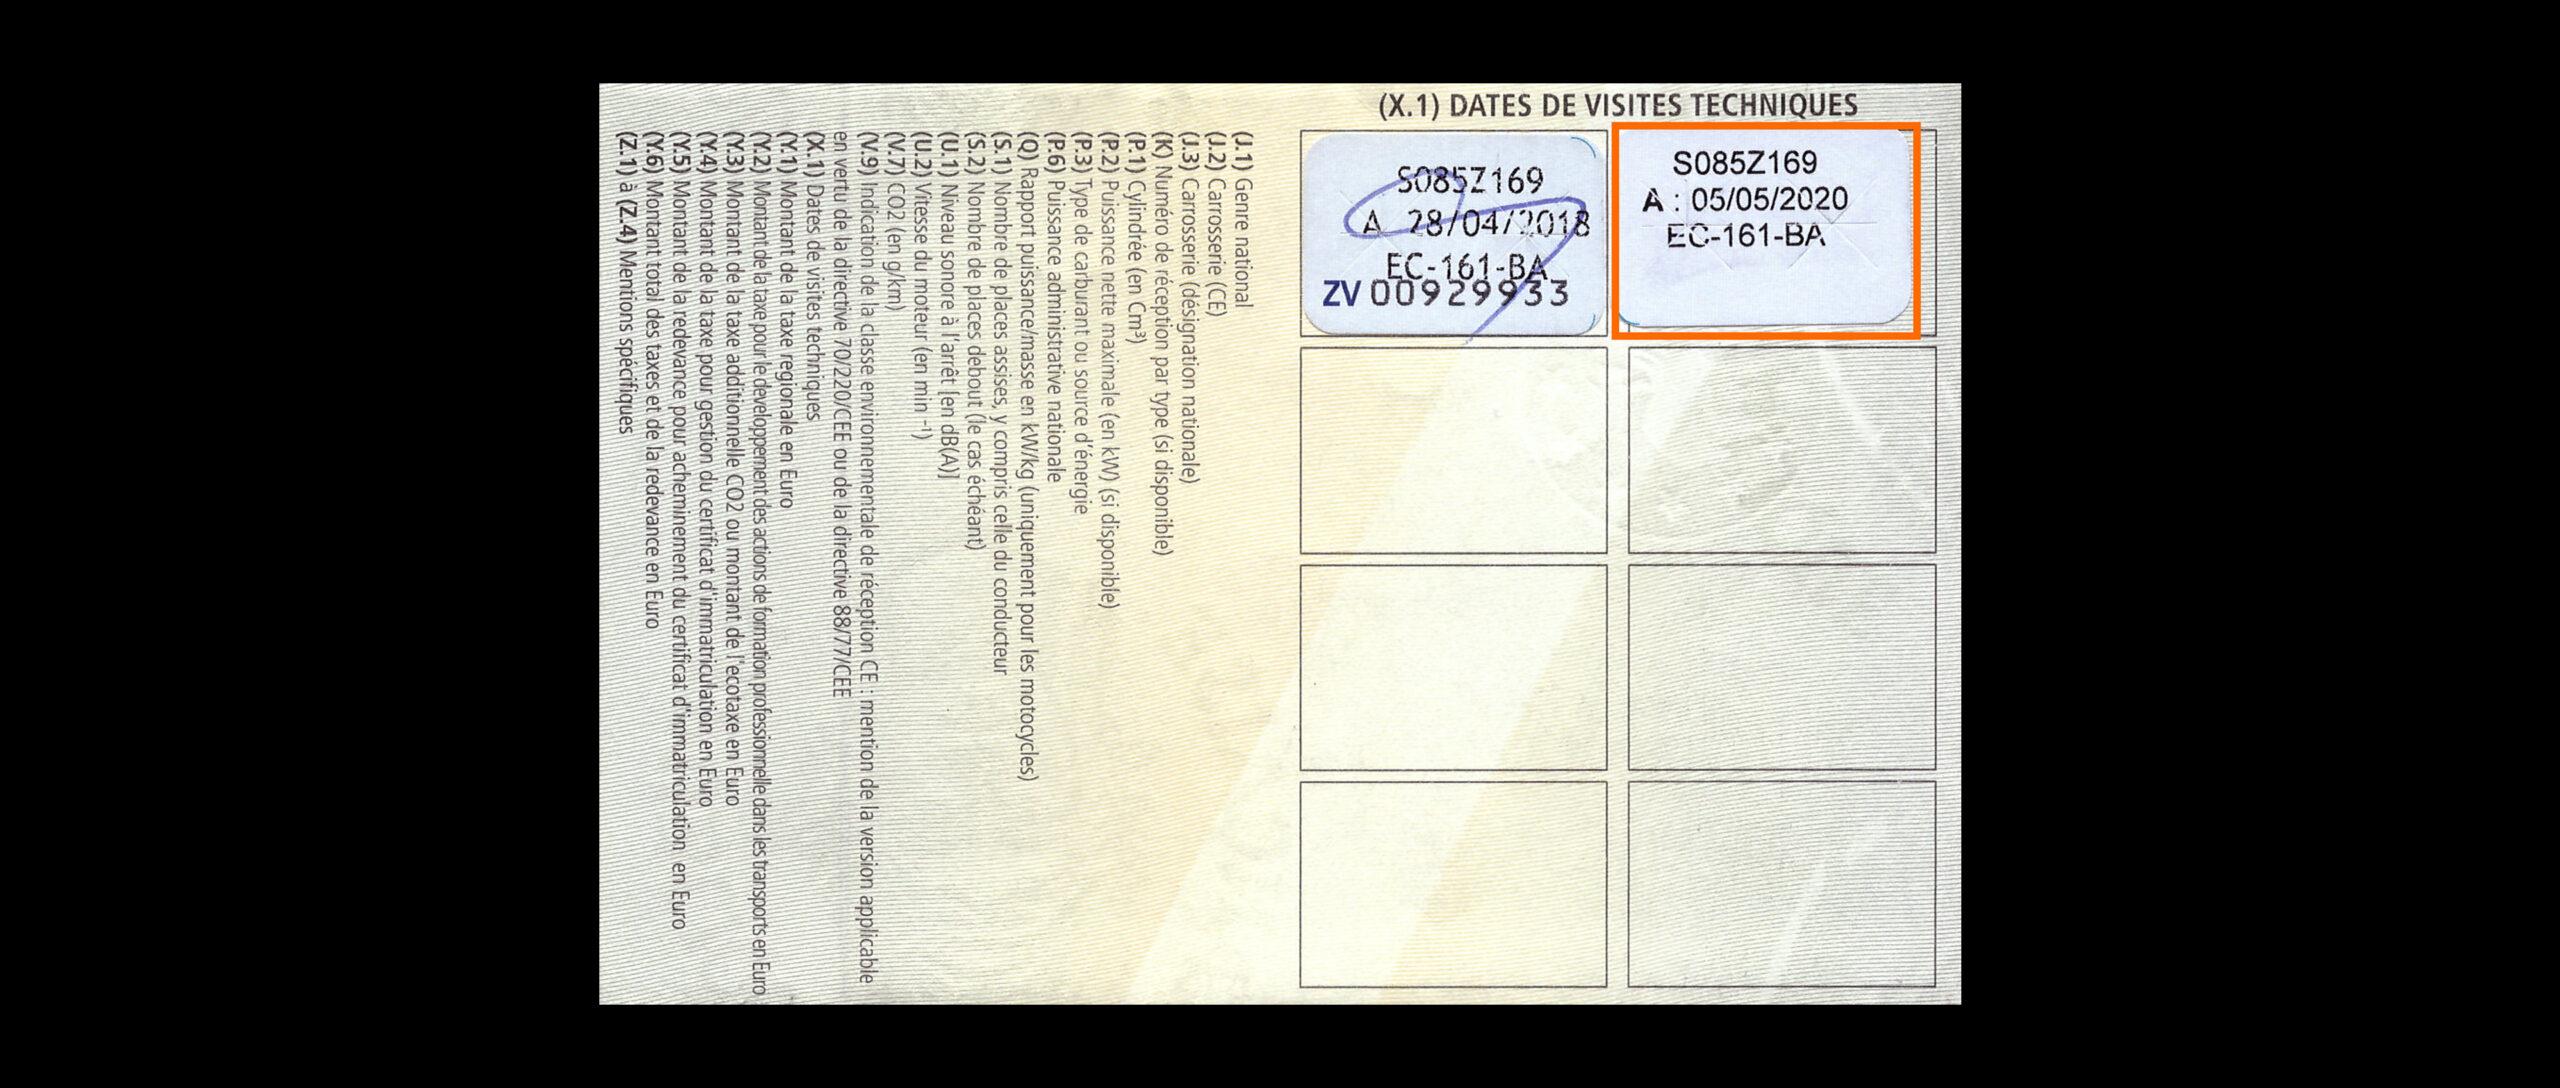 date de validité du contrôle technique et carte grise. La carte grise est un document officiel permettant d'obtenir des renseignements utiles tels que les caractéristiques d'un véhicule ou la validité du contrôle technique. Cette date de validité figure également sur une vignette apposée sur le pare-brise, ce qui permet d'avoir une information visuelle immédiate en cas de contrôle ou d'achat.